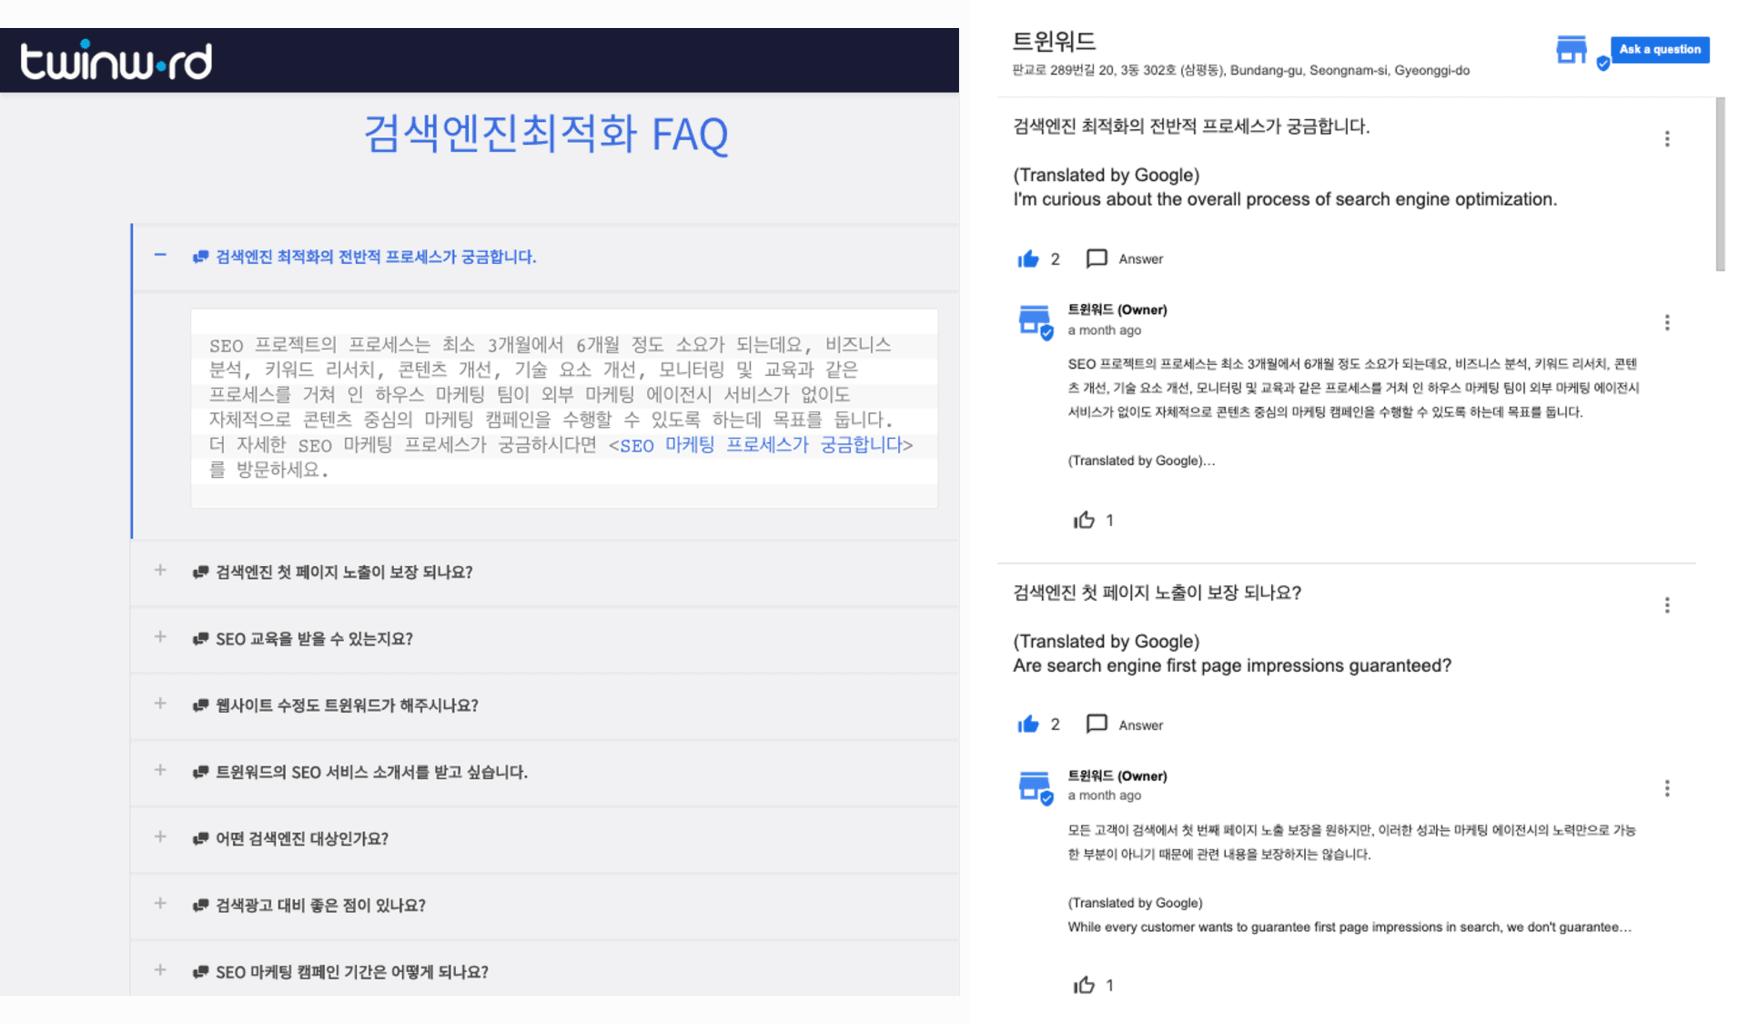 구글 마이 비즈니즈 질의응답을 이용한 FAQ 예시